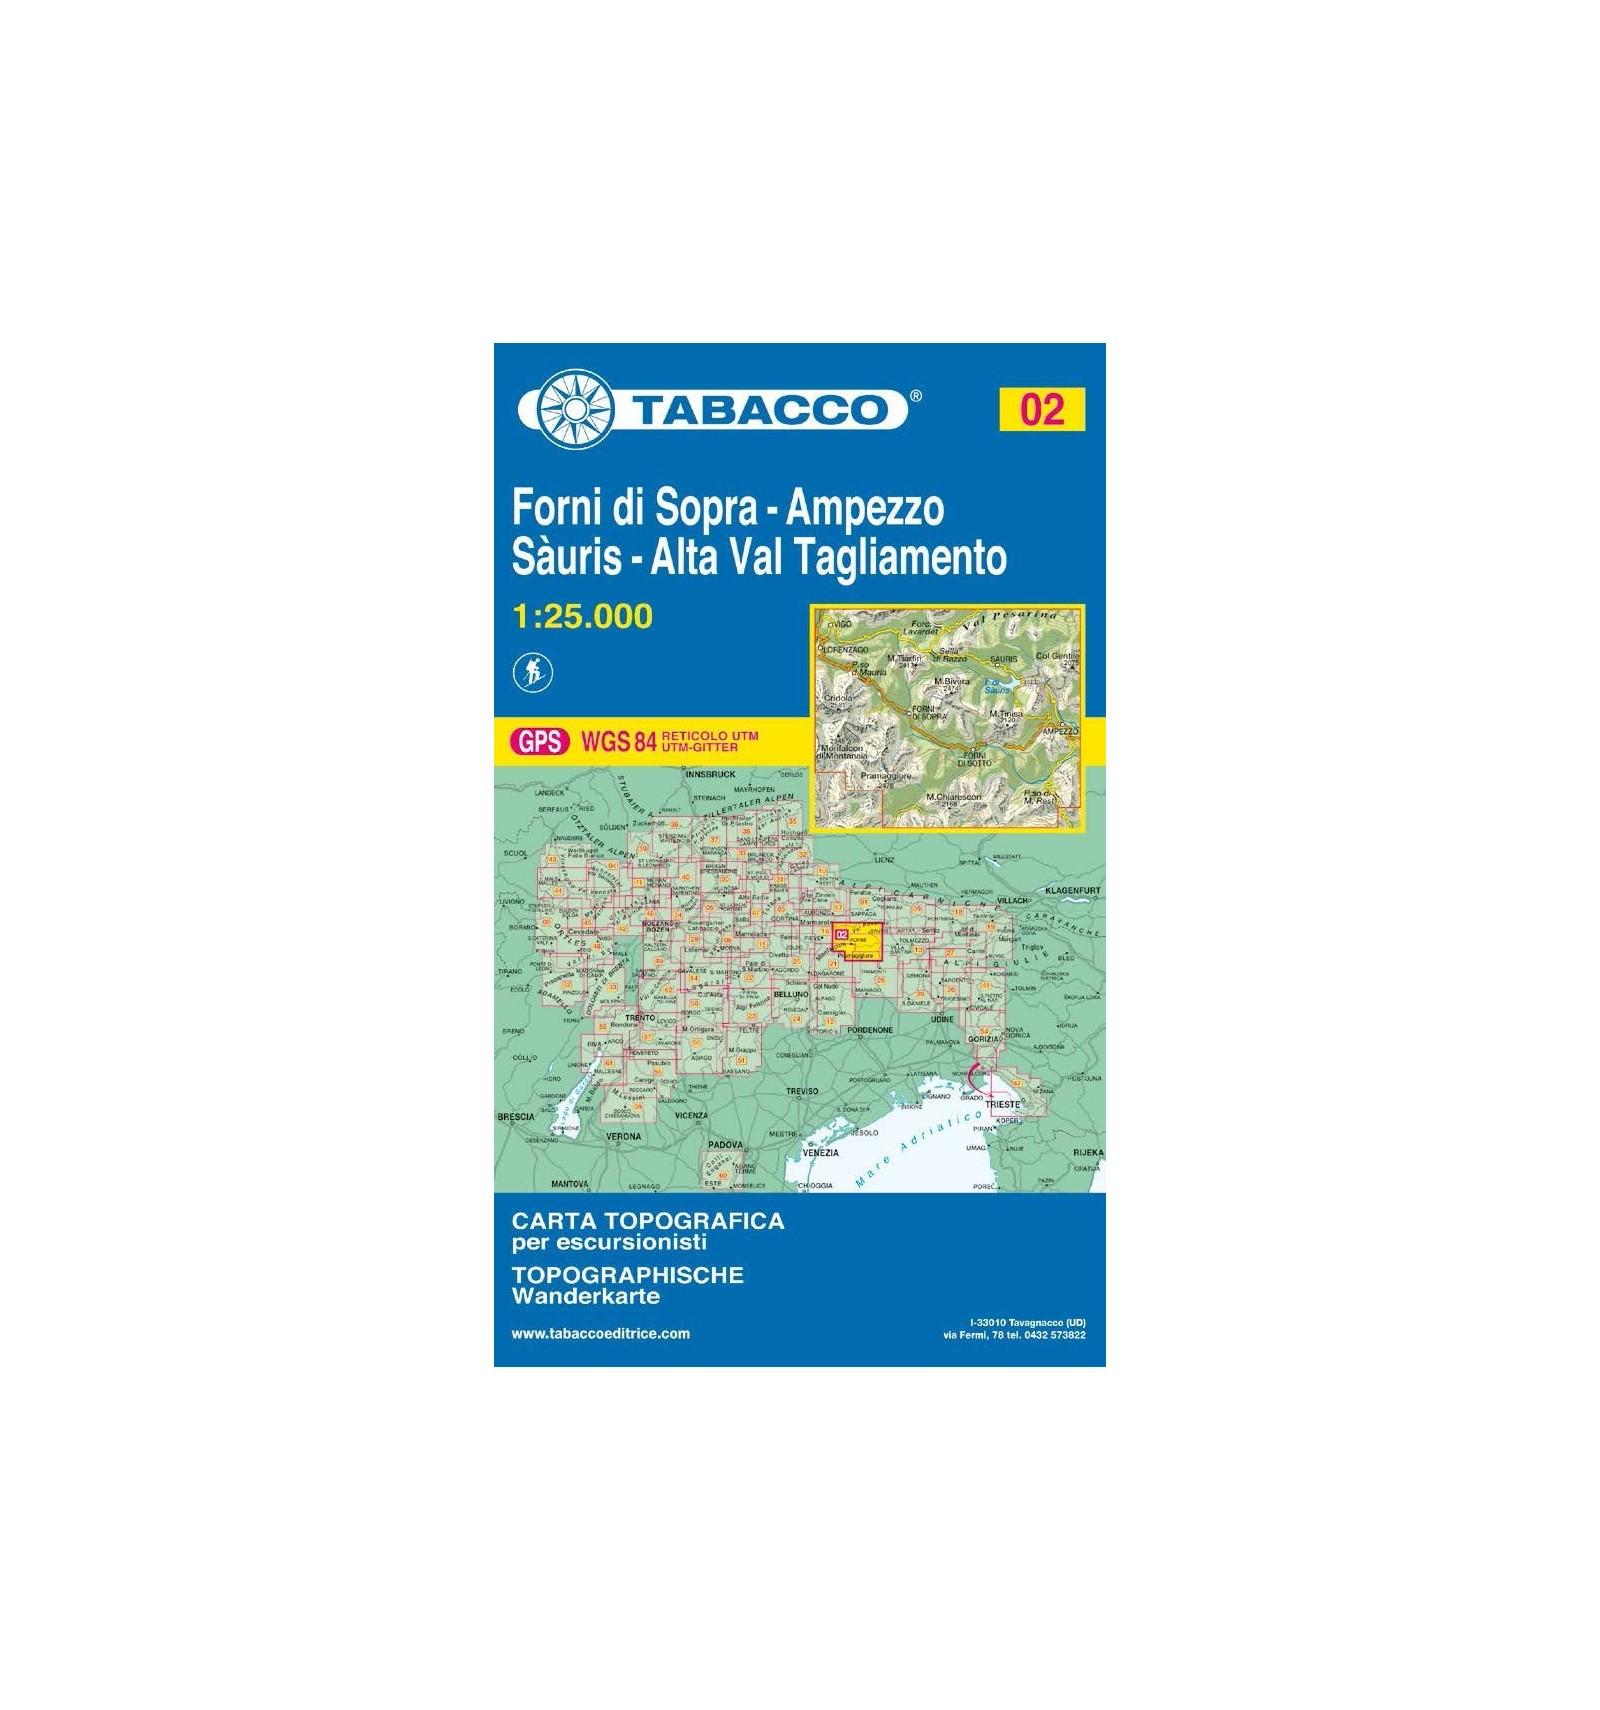 Cartina Tabacco 024.Carta Topografica Tabacco N 02 Forni Di Sopra Ampezzo Sauris 1 25 000